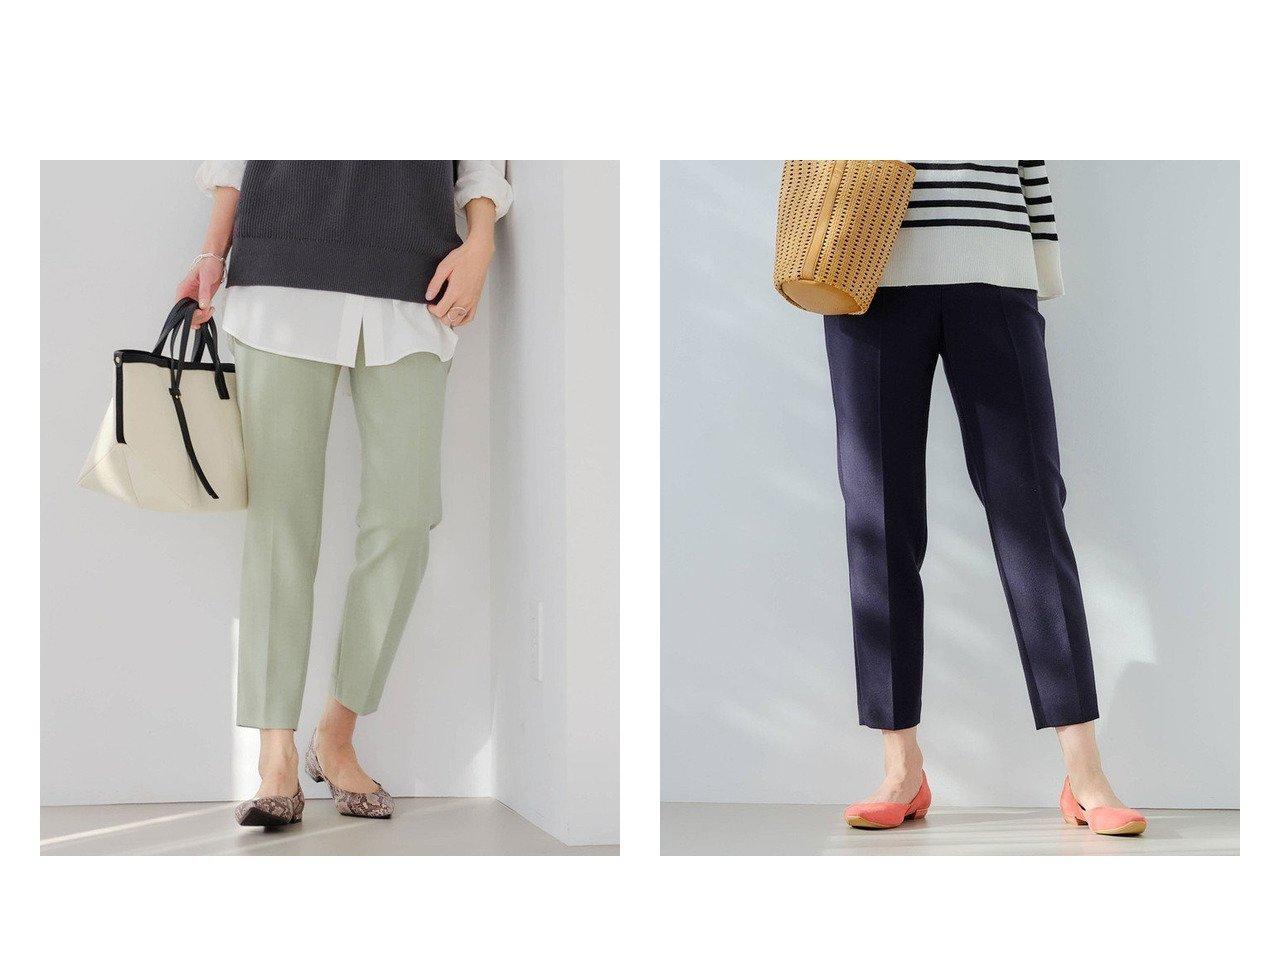 【green label relaxing / UNITED ARROWS/グリーンレーベル リラクシング / ユナイテッドアローズ】の1_OF MINE FFC スティック パンツ パンツのおすすめ!人気、トレンド・レディースファッションの通販 おすすめで人気の流行・トレンド、ファッションの通販商品 メンズファッション・キッズファッション・インテリア・家具・レディースファッション・服の通販 founy(ファニー) https://founy.com/ ファッション Fashion レディースファッション WOMEN パンツ Pants 春 Spring 秋 Autumn/Fall シューズ シンプル スキニー センター 人気 バランス フラット ベーシック 再入荷 Restock/Back in Stock/Re Arrival おすすめ Recommend |ID:crp329100000023225